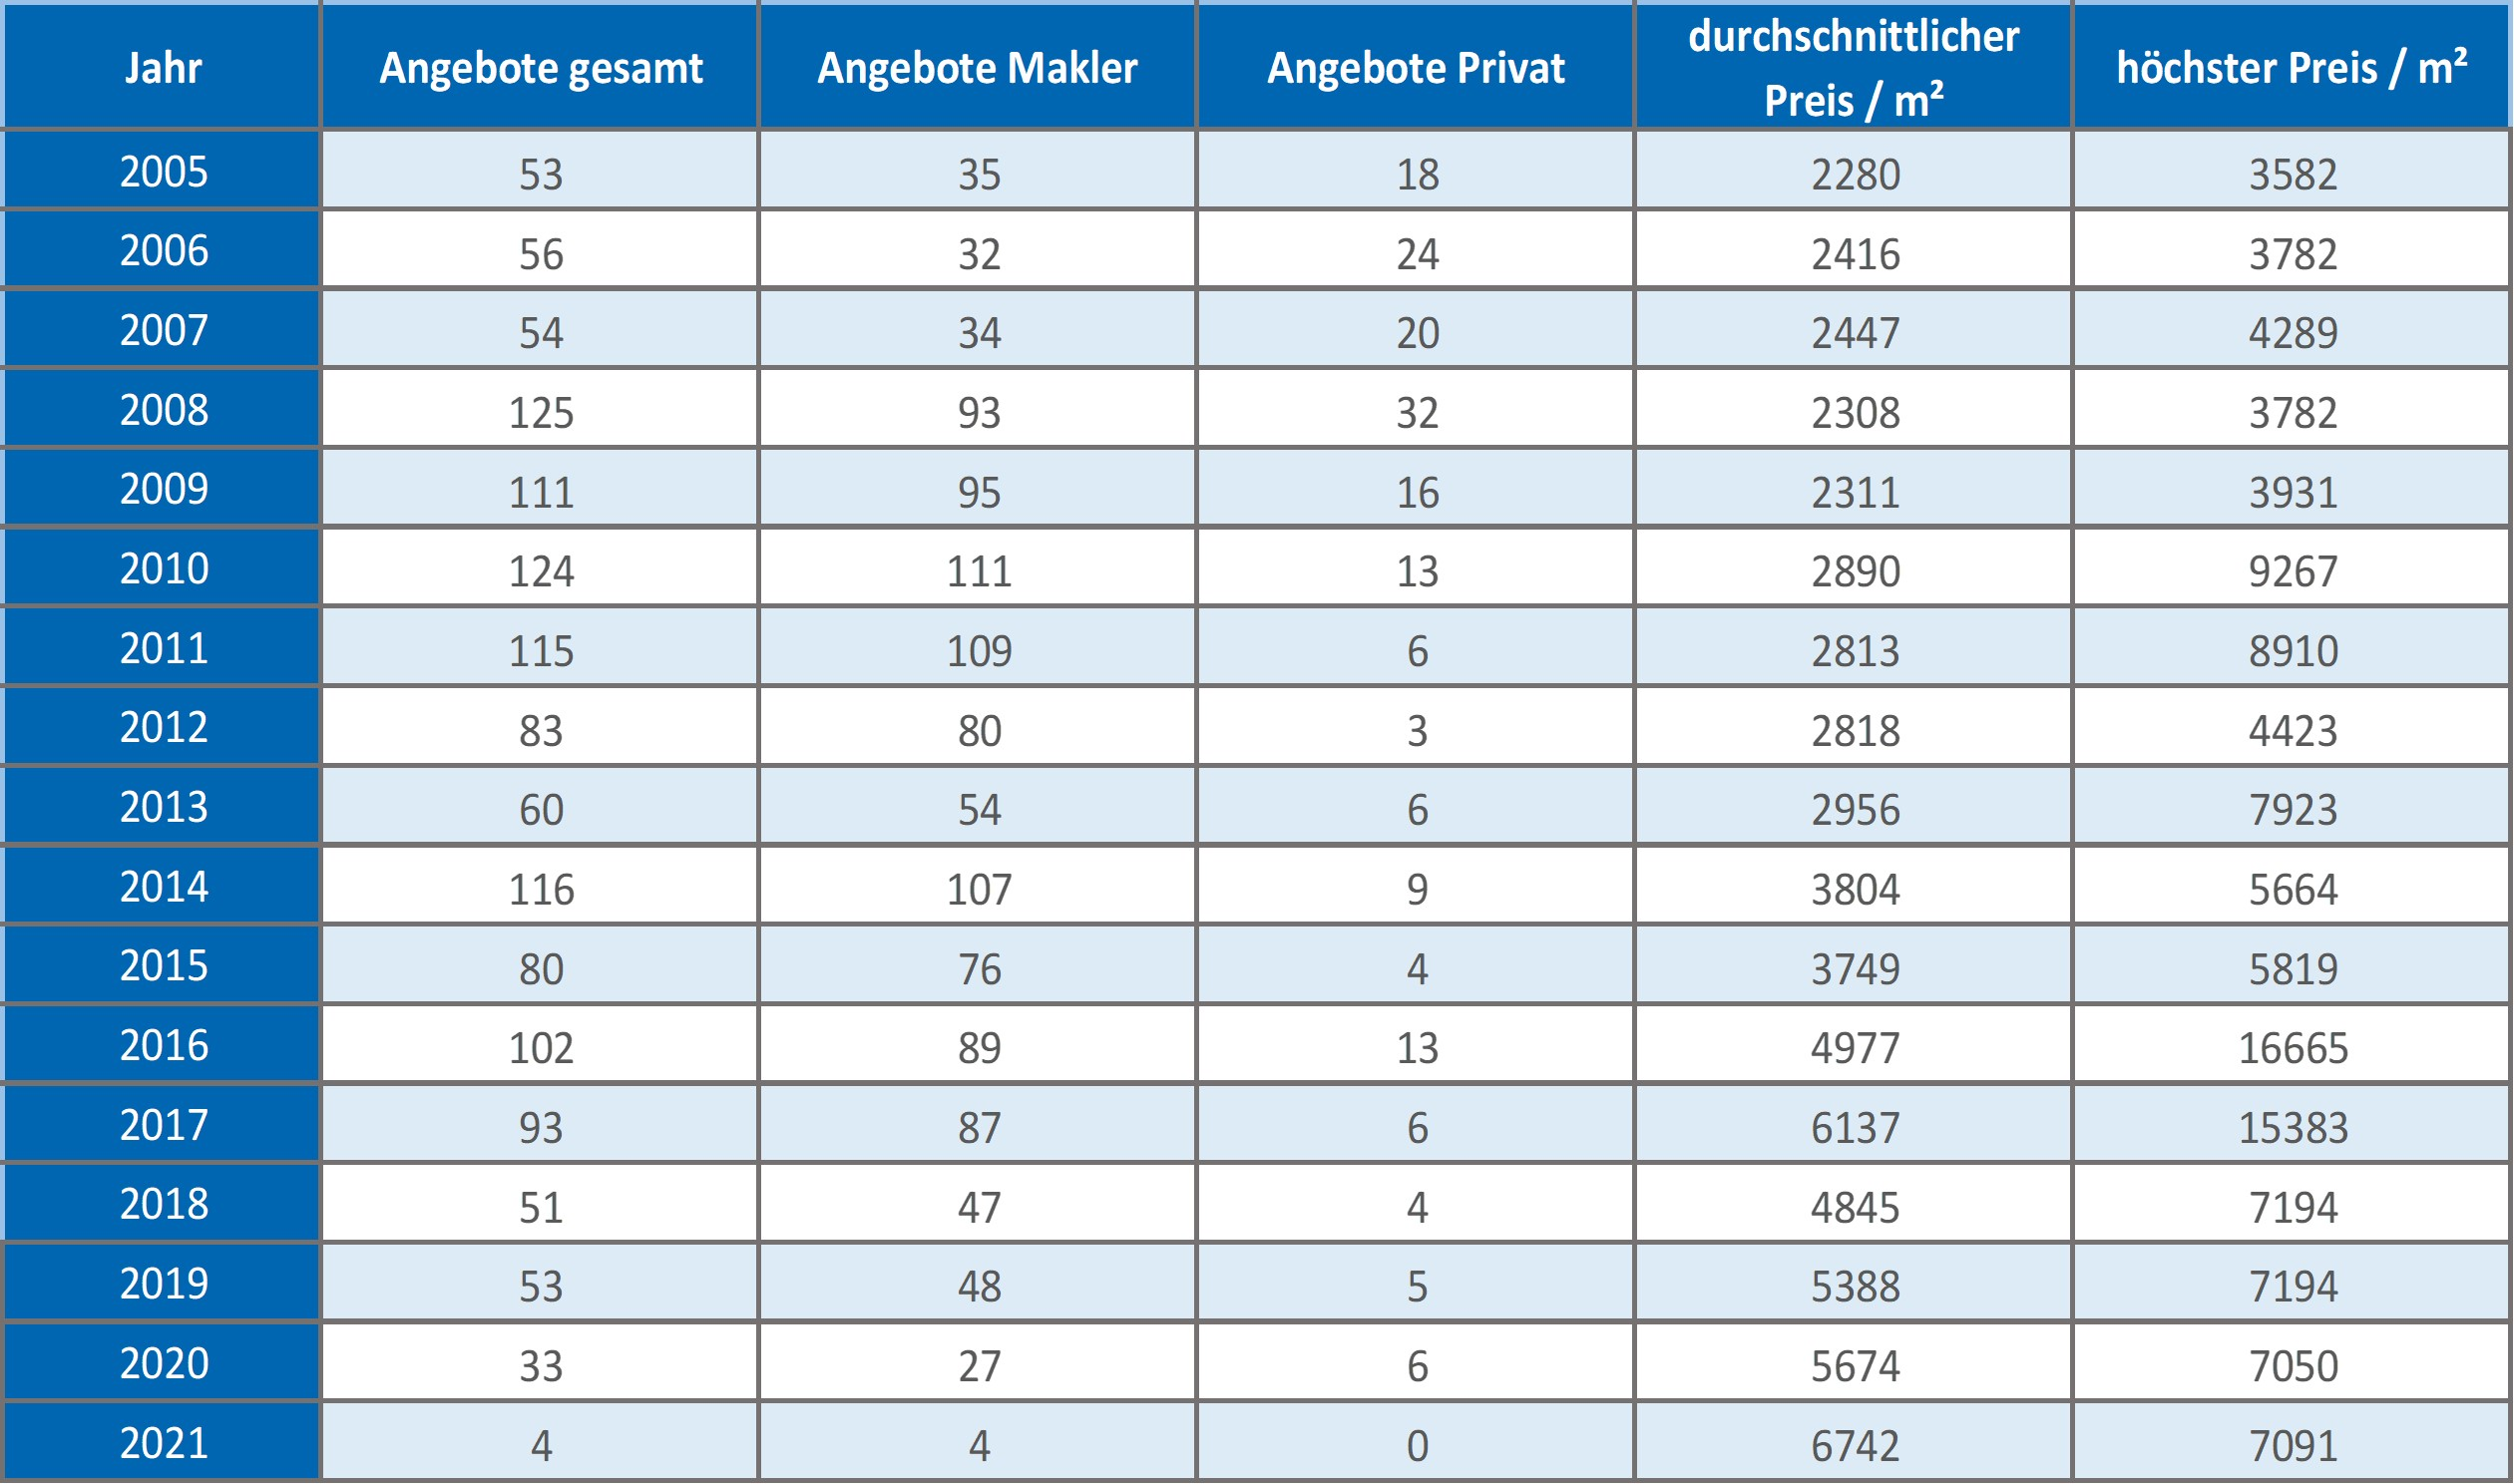 Putzbrunn Wohnung kaufen verkaufen Preis Bewertung Makler www.happy-immo.de 2019 2020 2021